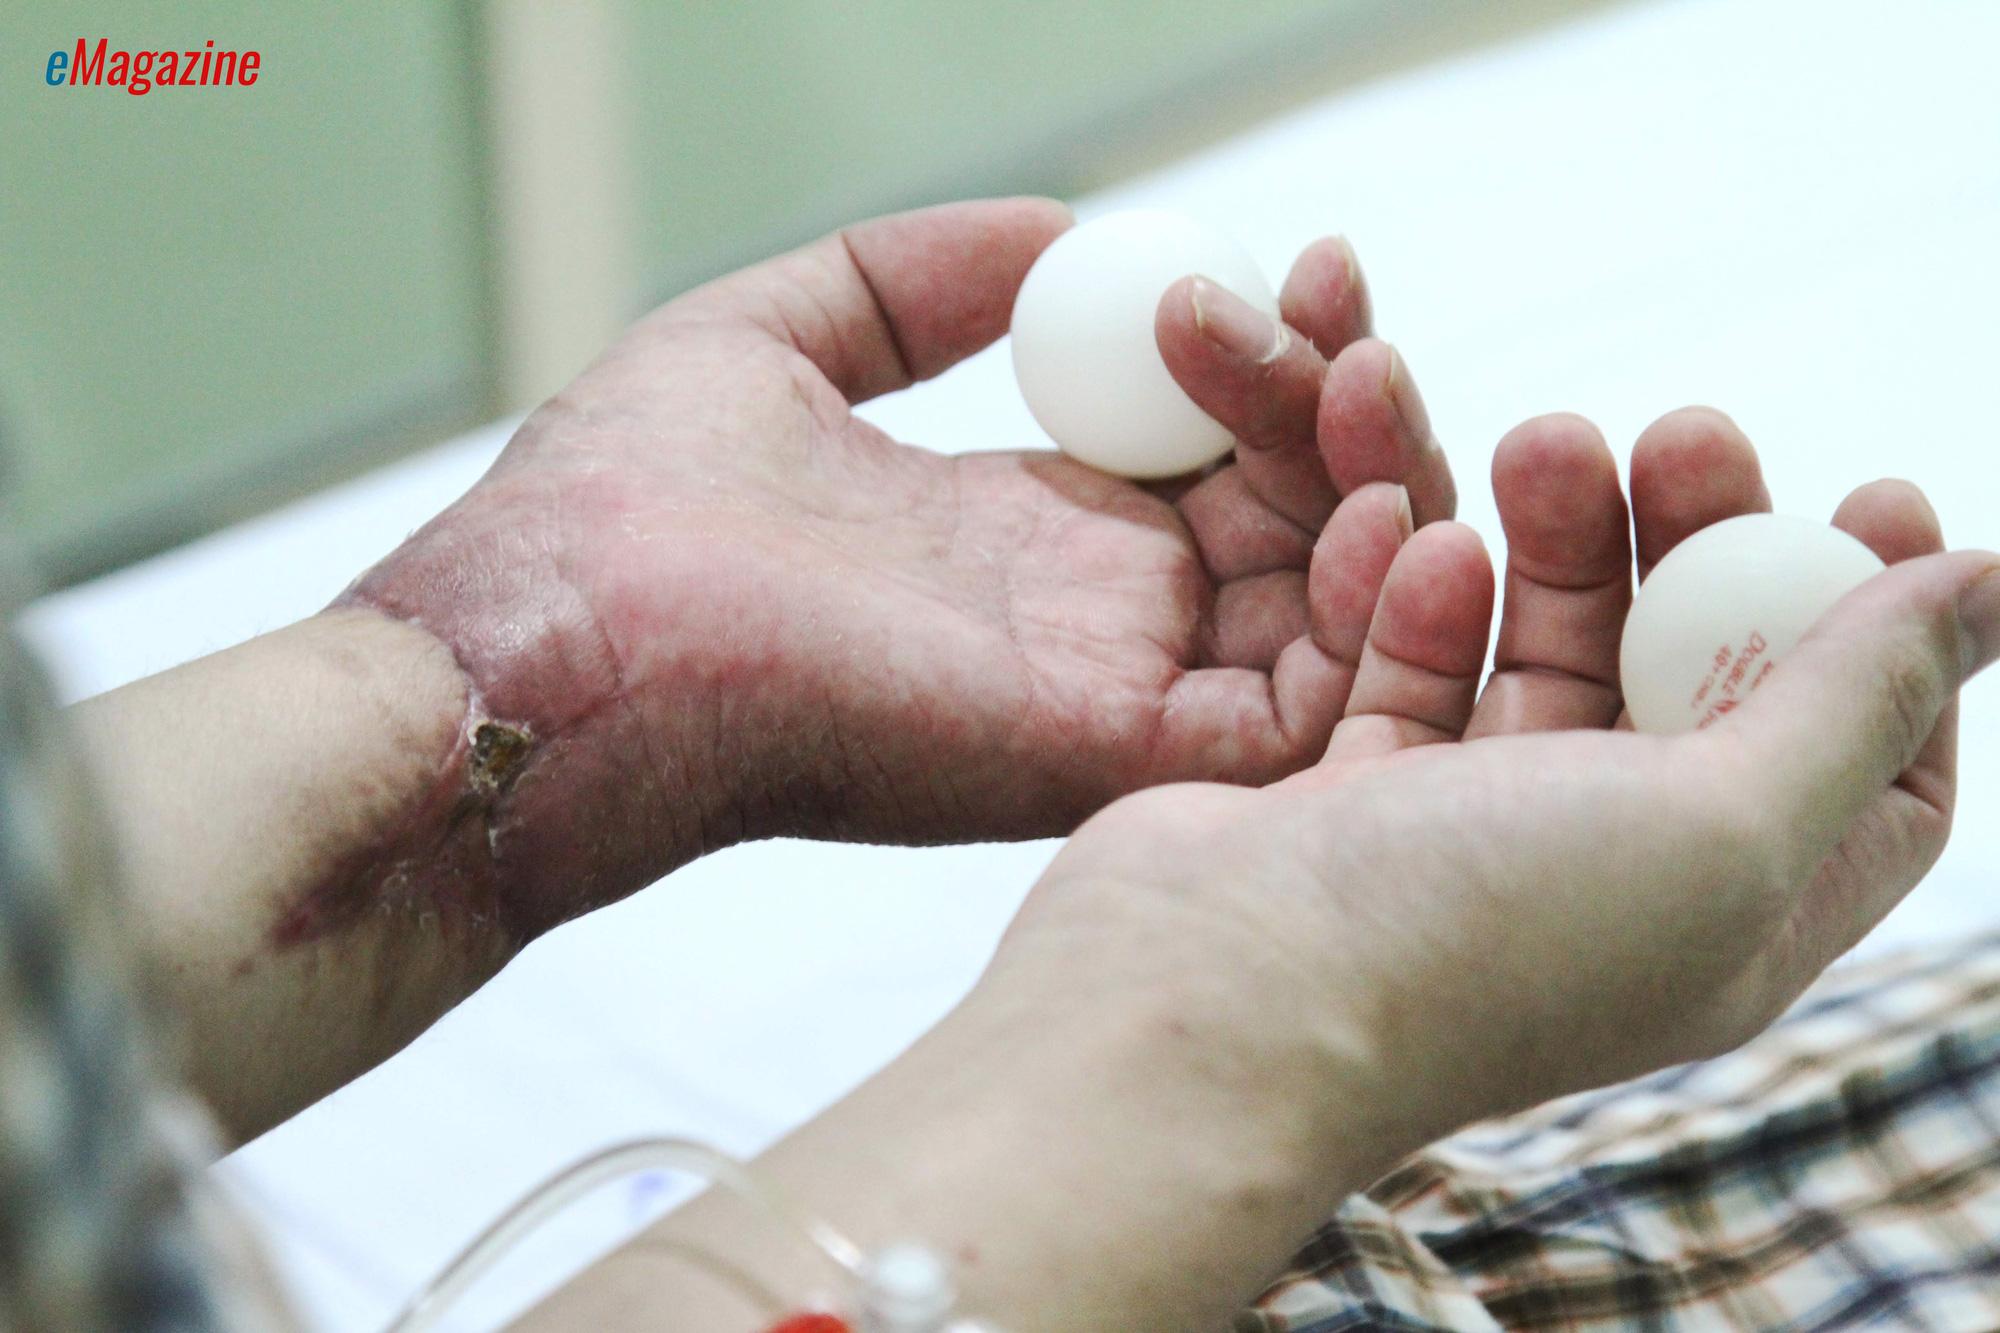 Kỳ tích bác sĩ Việt: Chuyện chưa kể về ca ghép chi đầu tiên trên thế giới từ người cho còn sống - Ảnh 8.